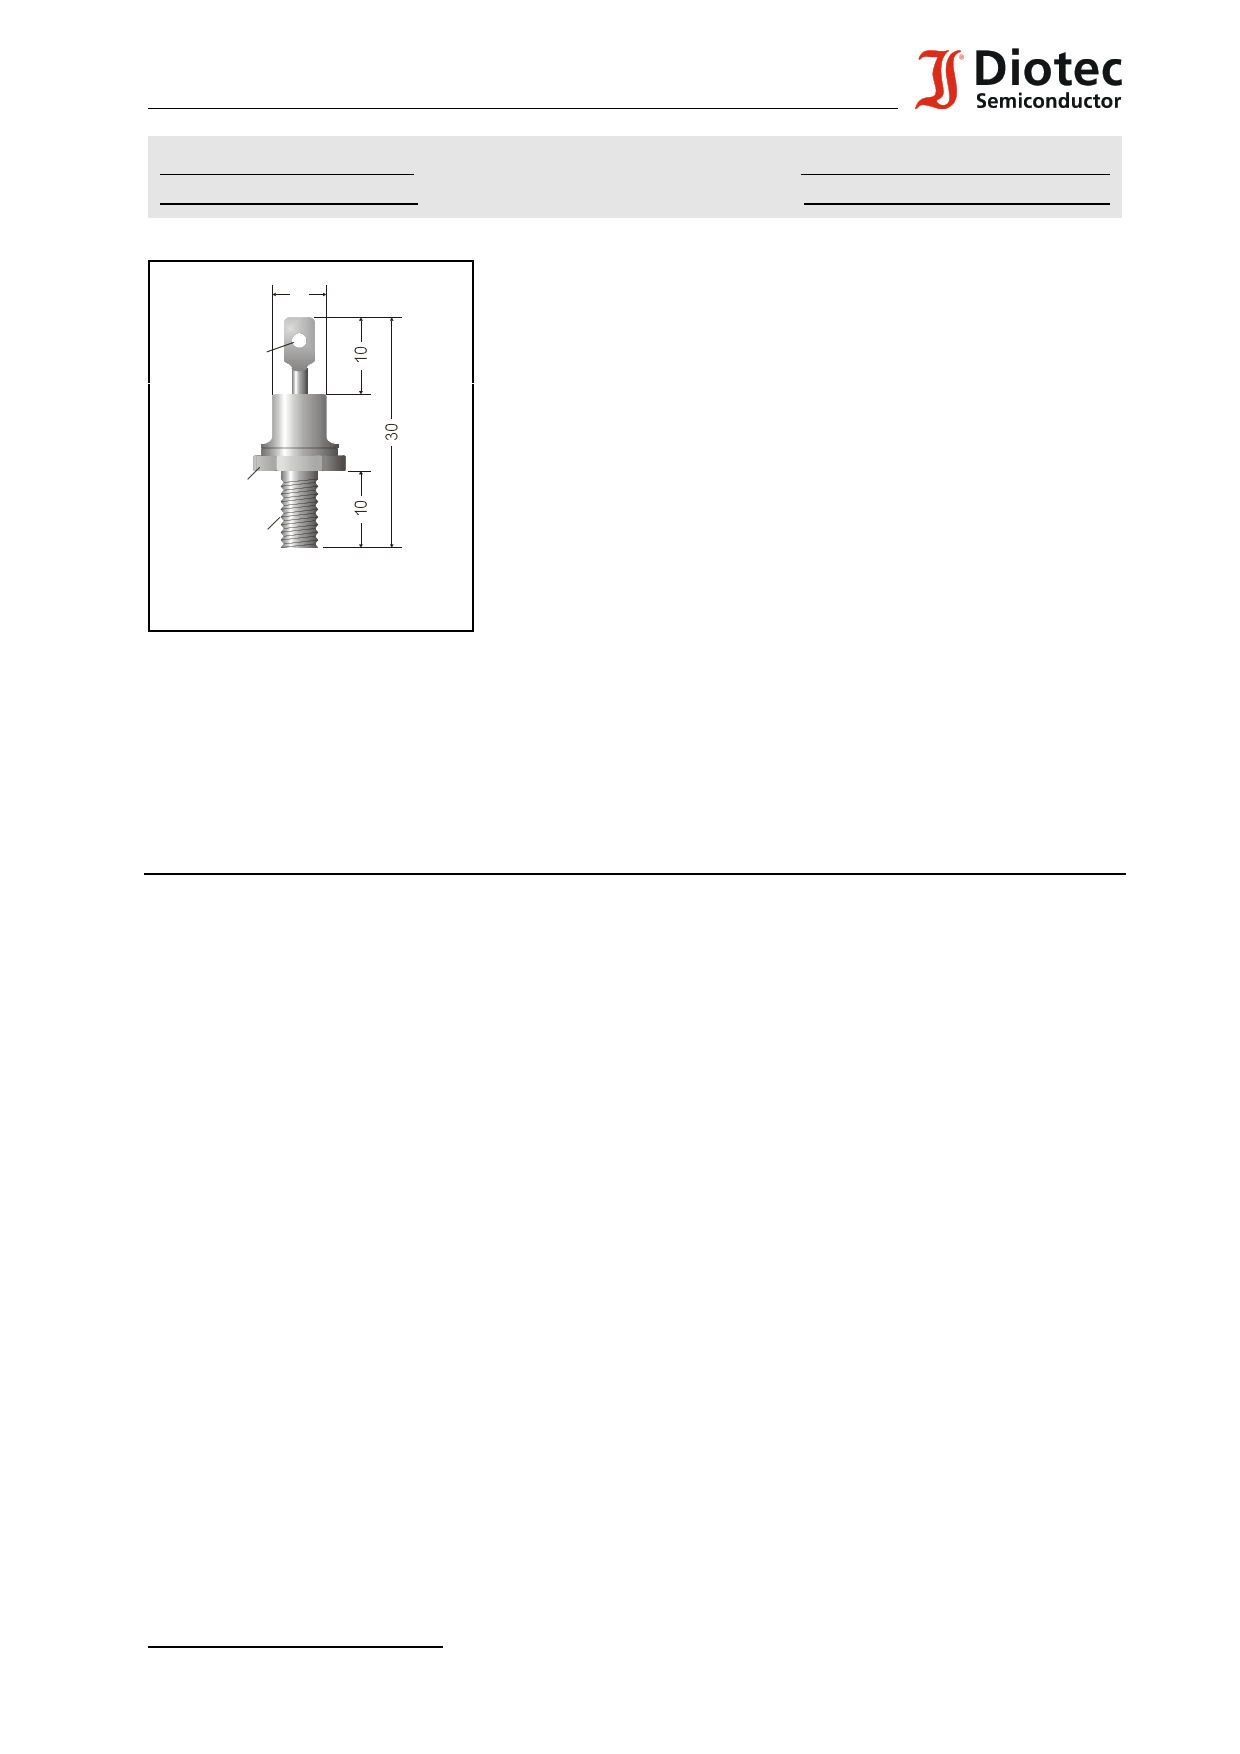 ZX13 datasheet